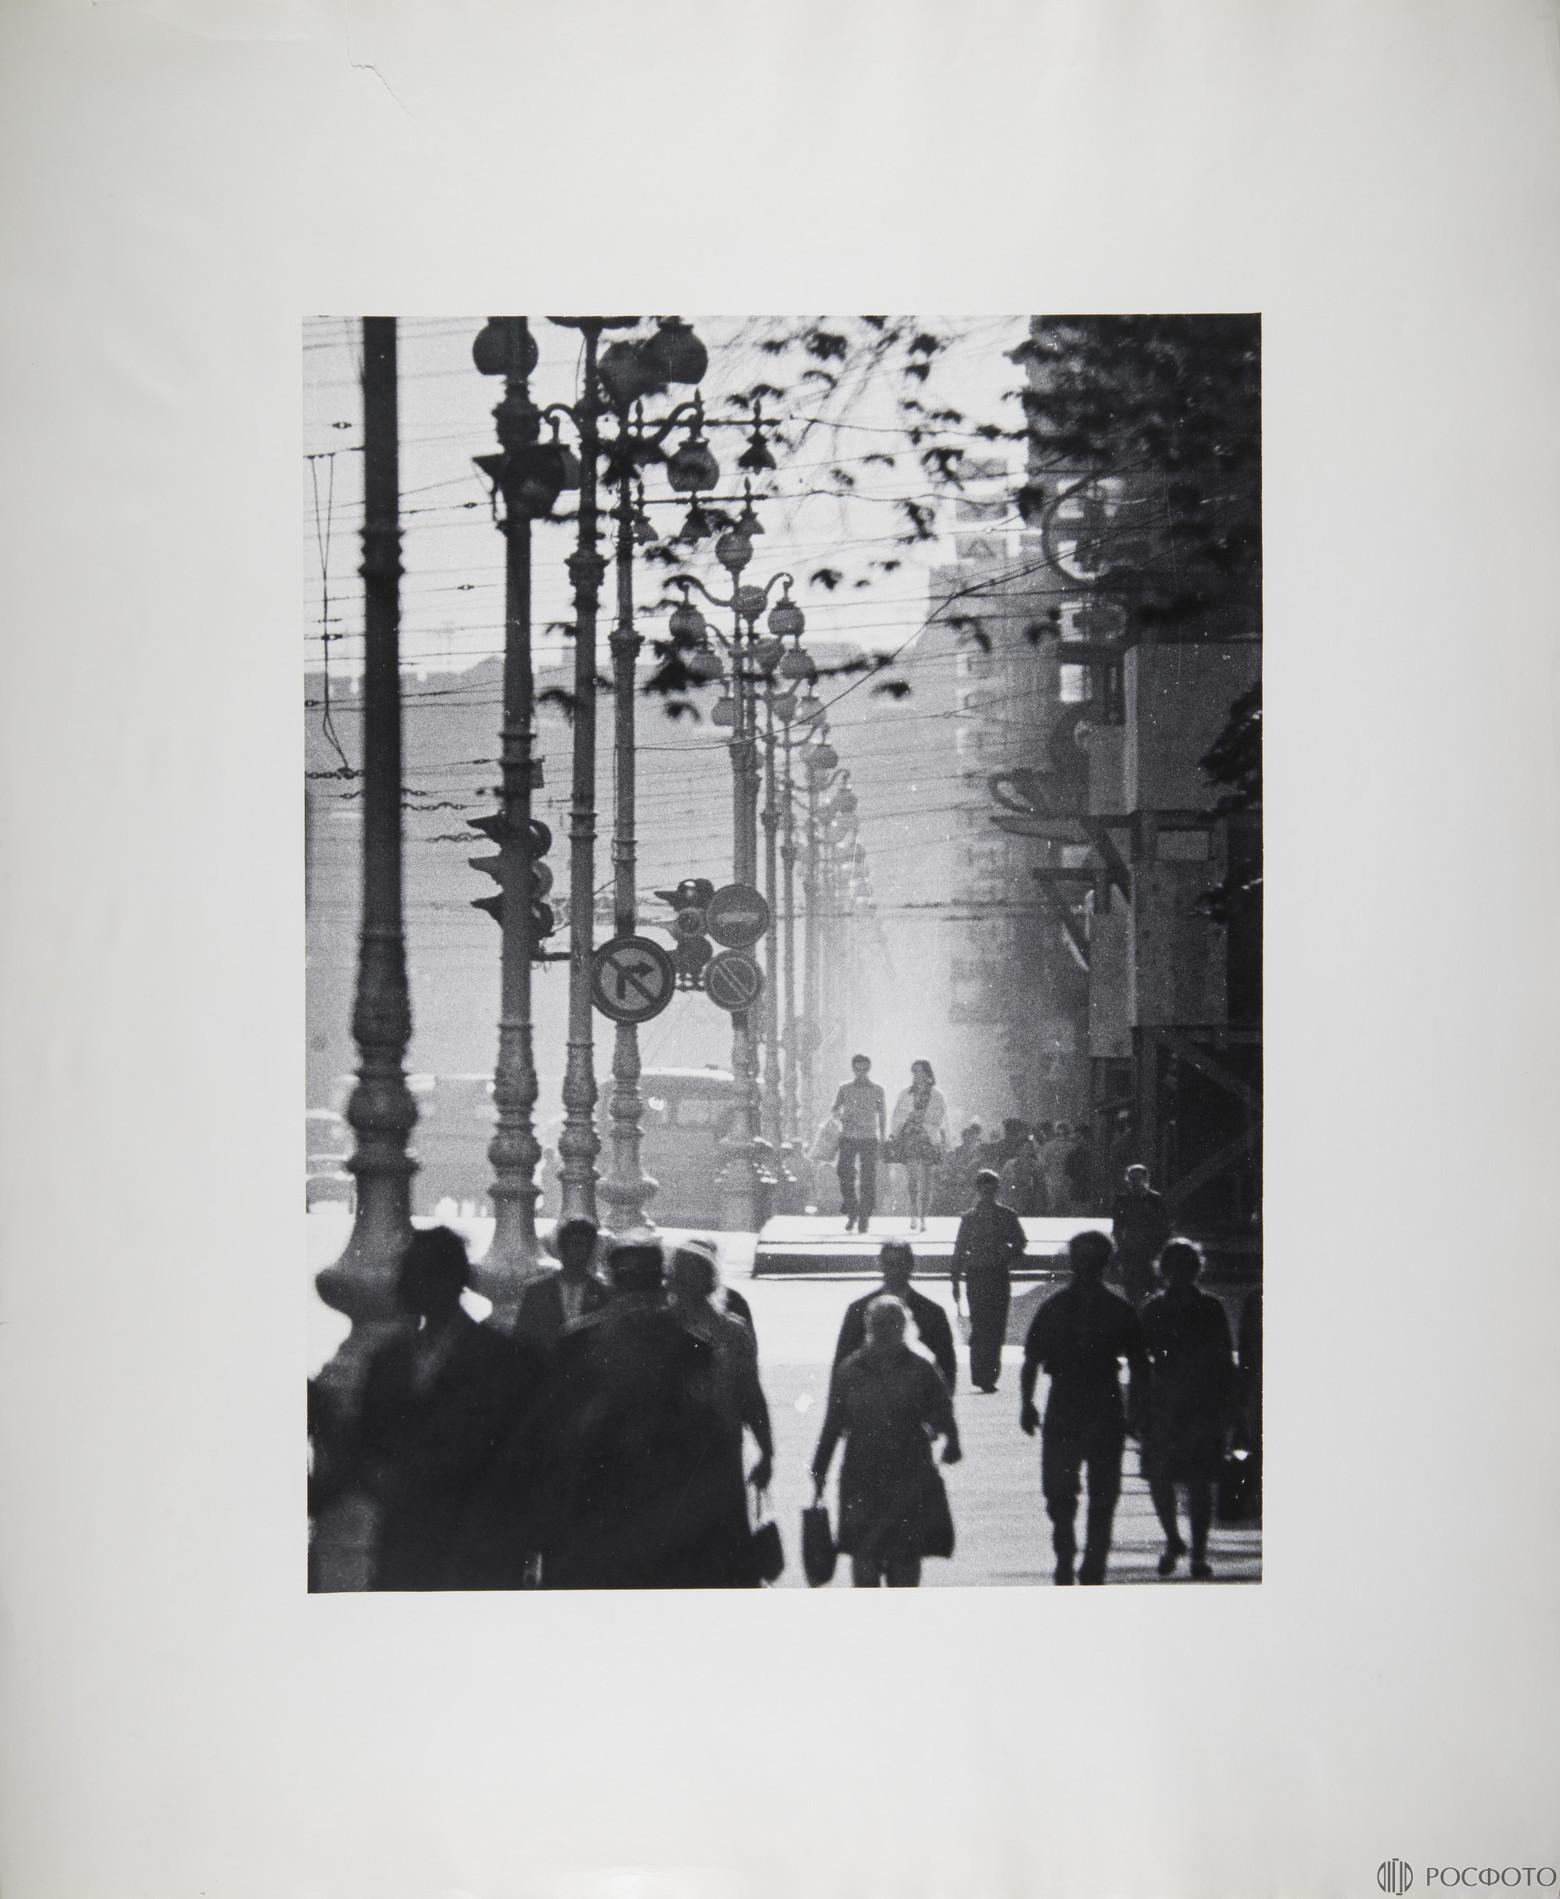 1973. Невский проспект. Двое